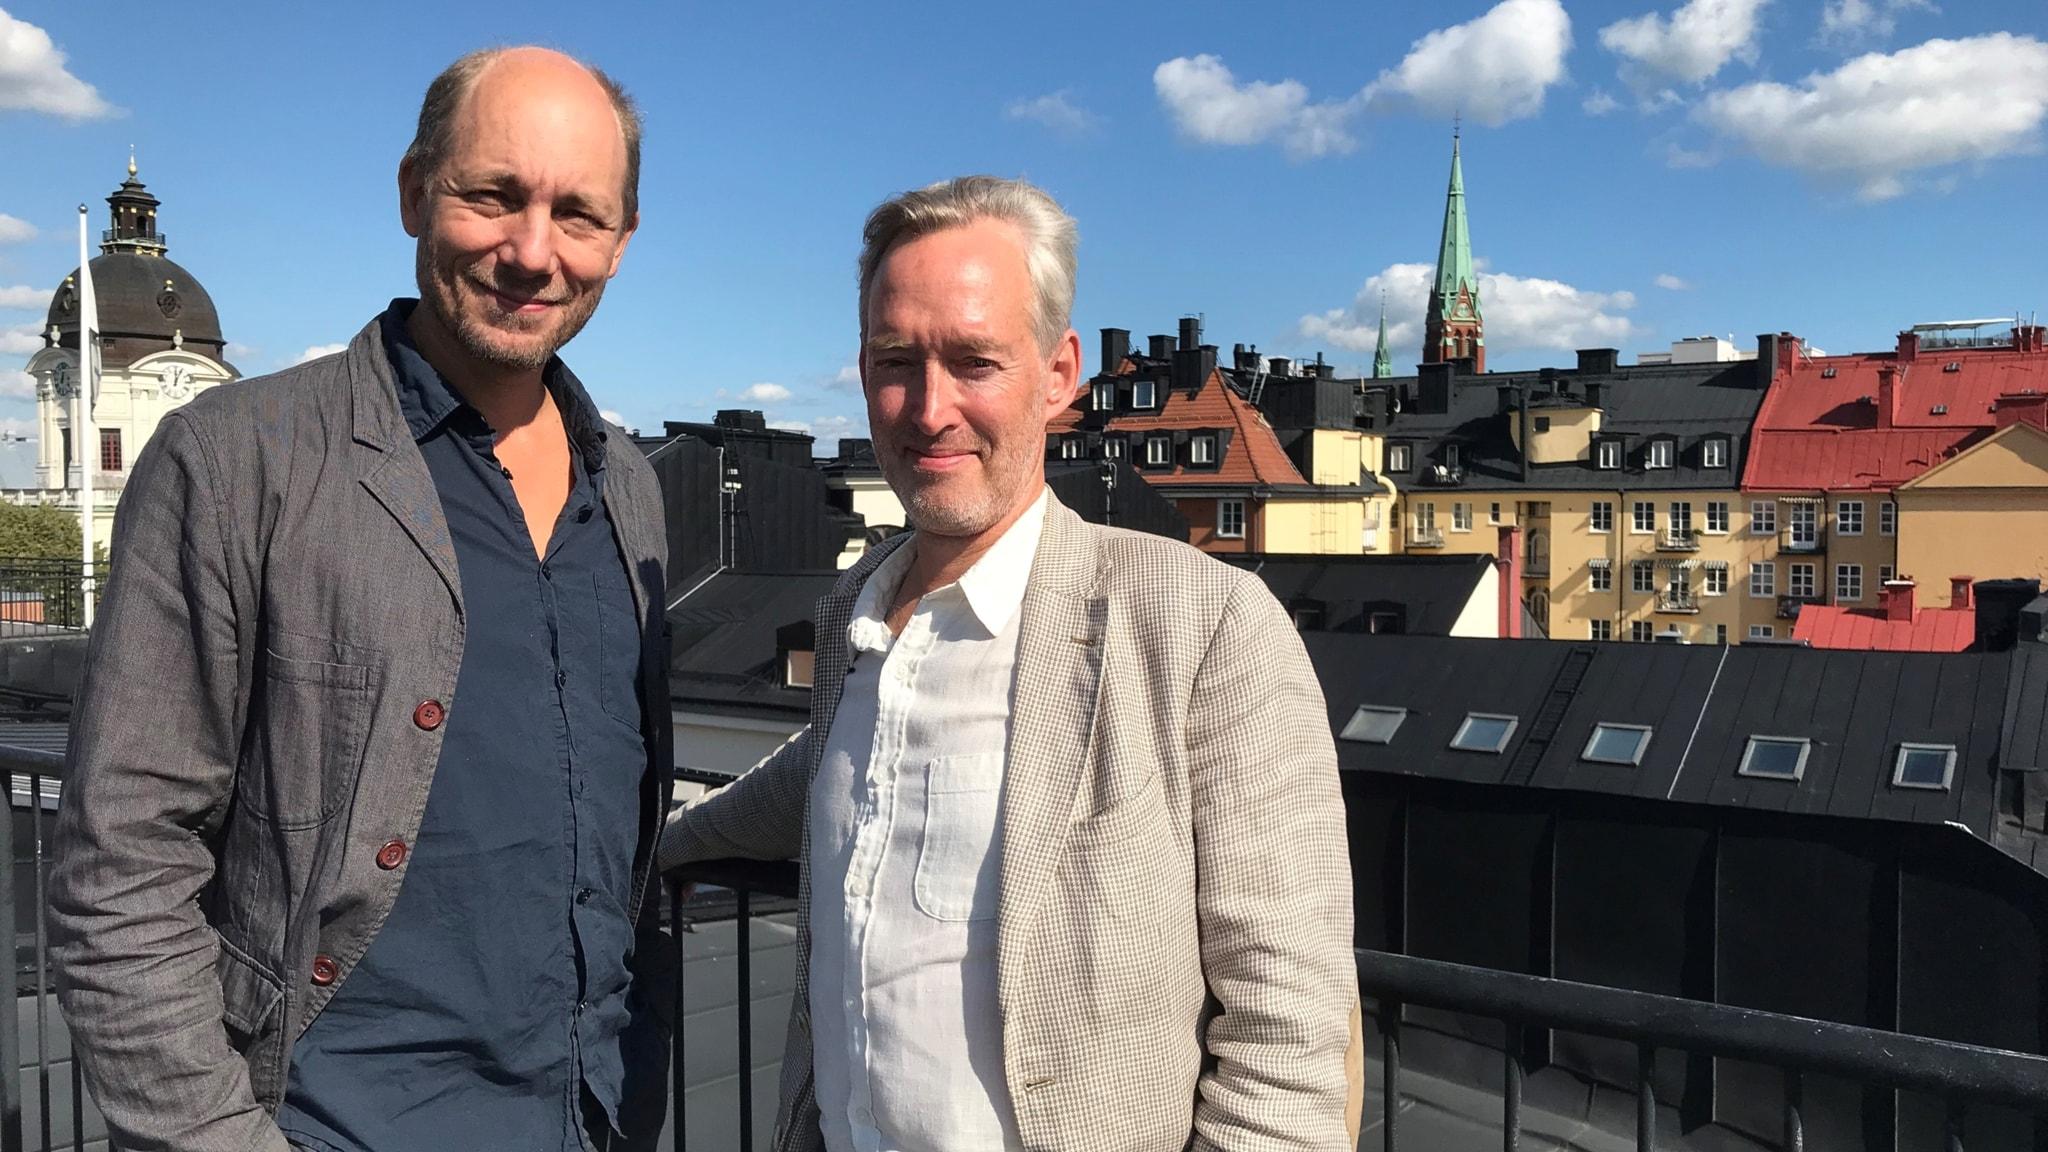 Ludvig Beckman ochGustaf Arrhenius på taket till Institutet för framtidsstudier, med utsikt över Stockholms takåsar.